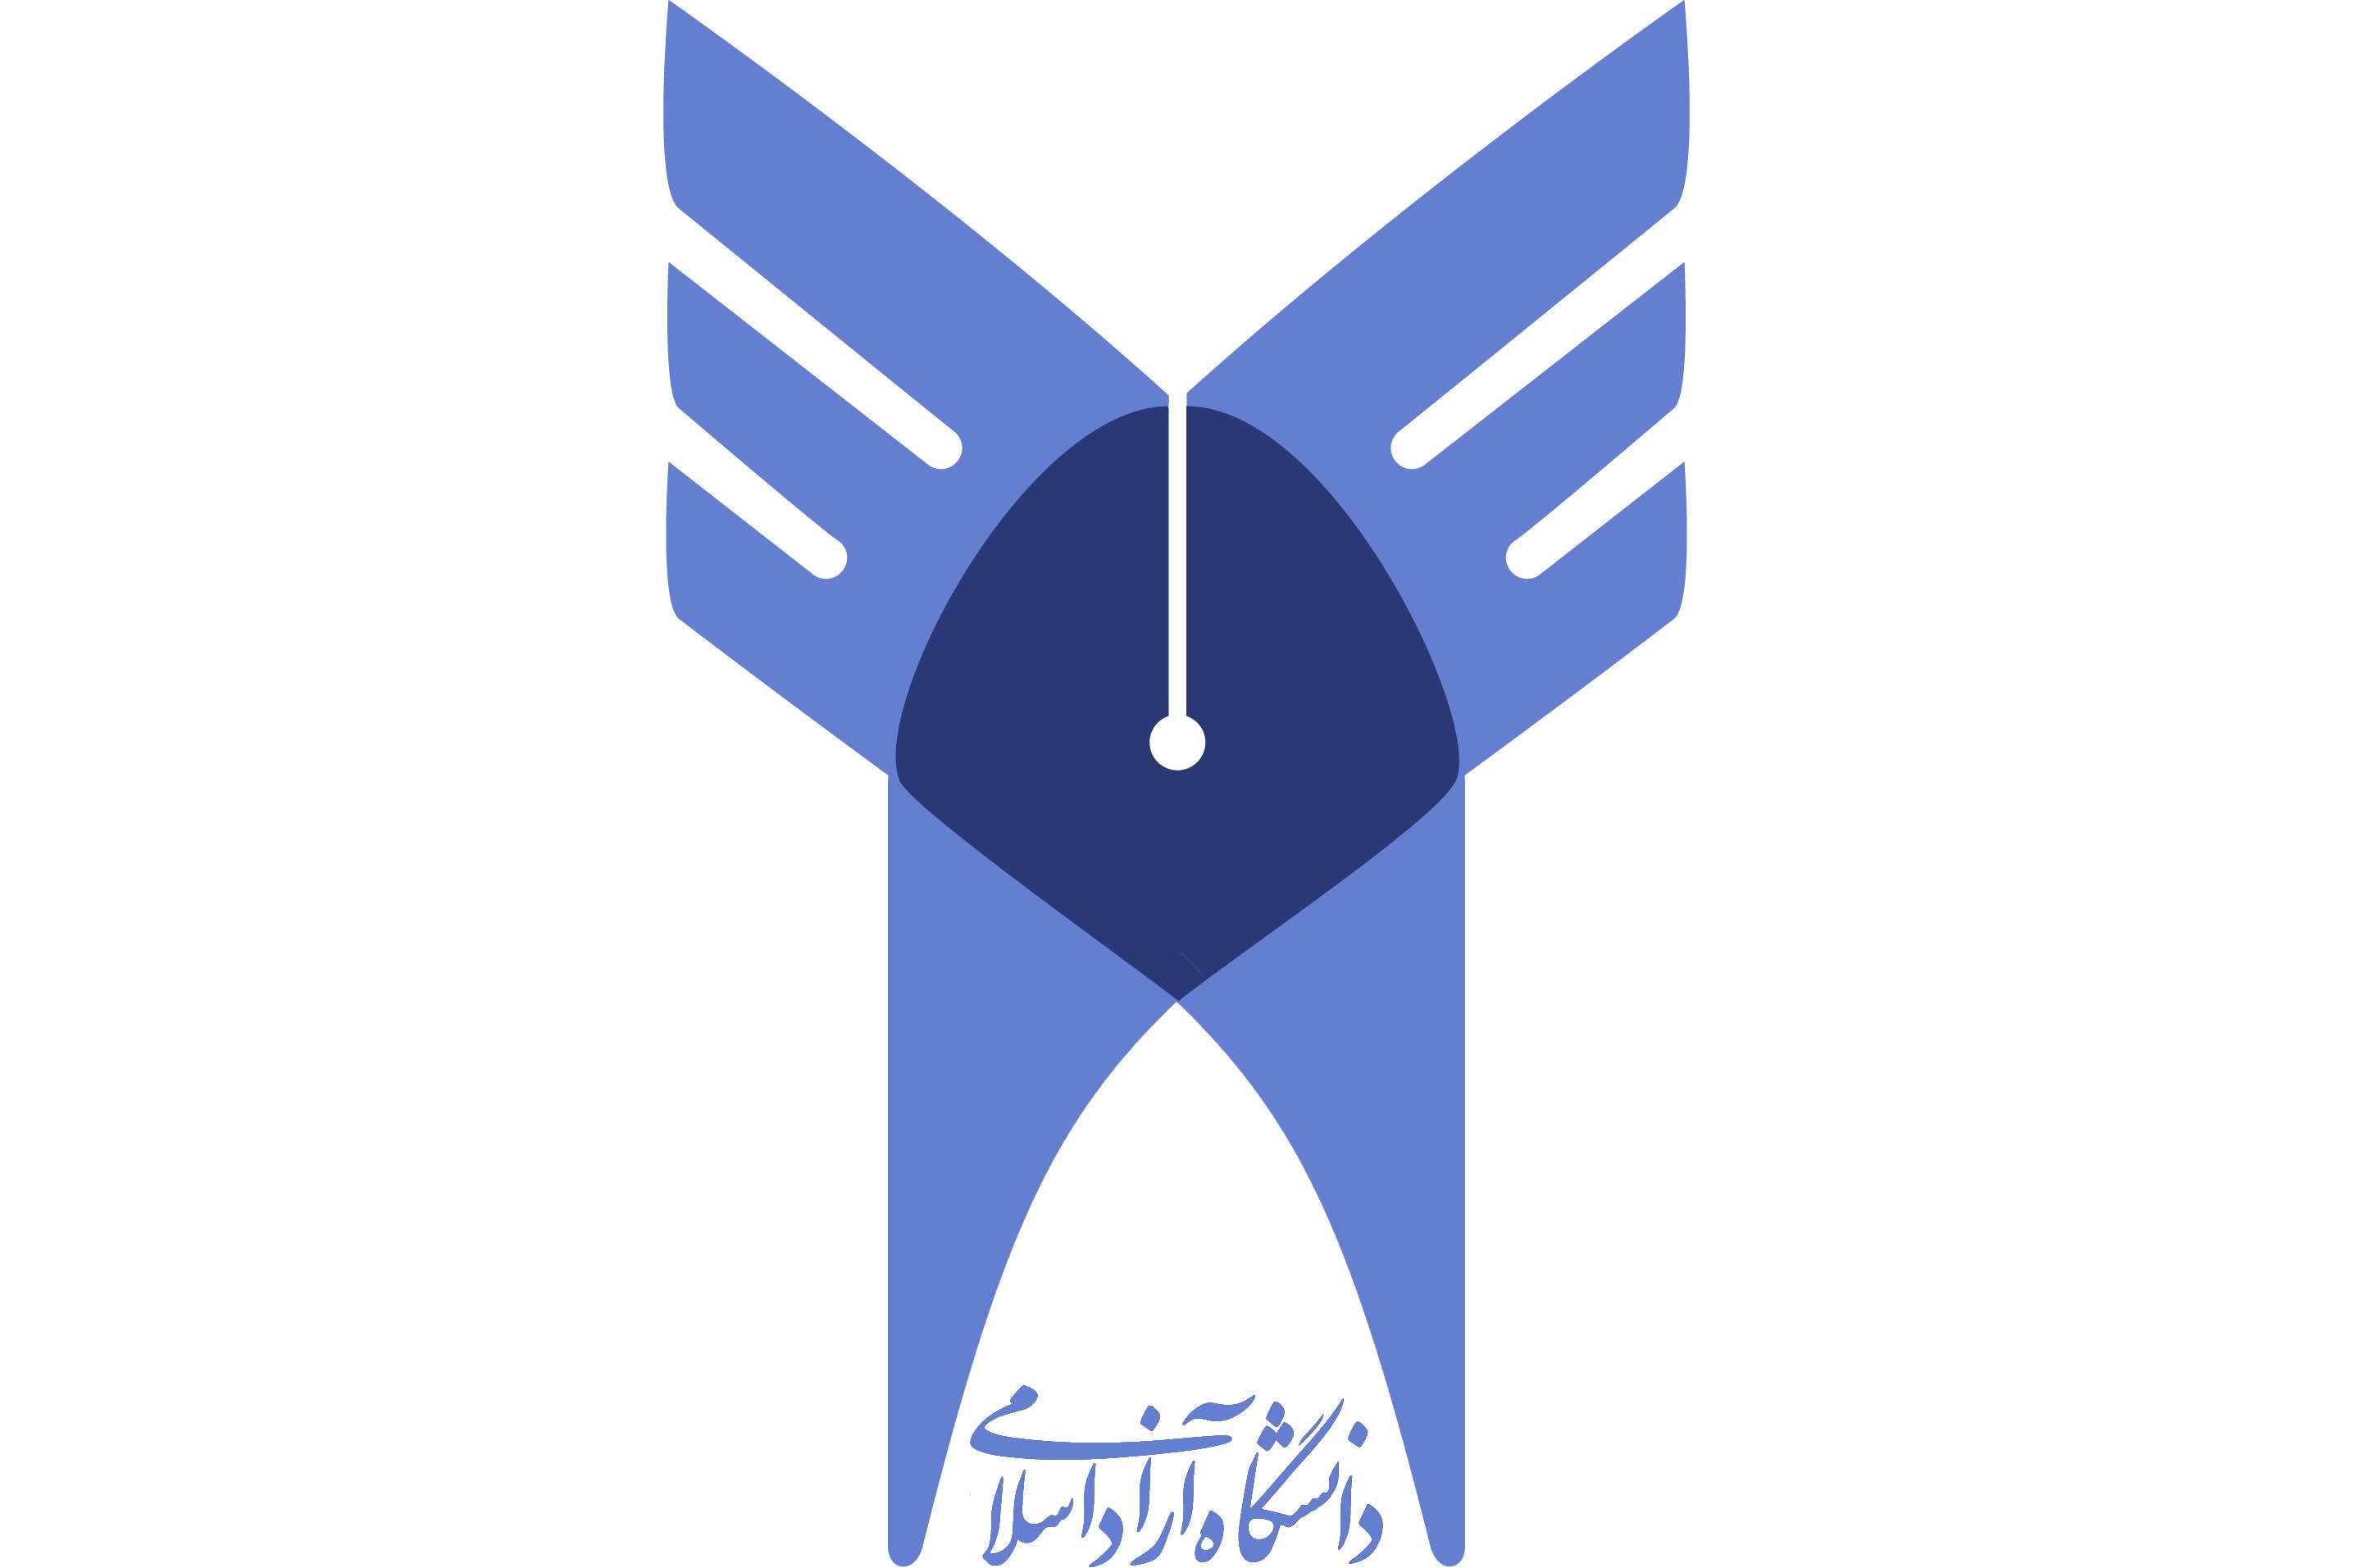 شروع امتحانات دانشگاه آزاد گیلان از ۲۴ خردادماه/دانشجویان غیربومی می توانند در  شهر محل زندگی خود امتحان دهند